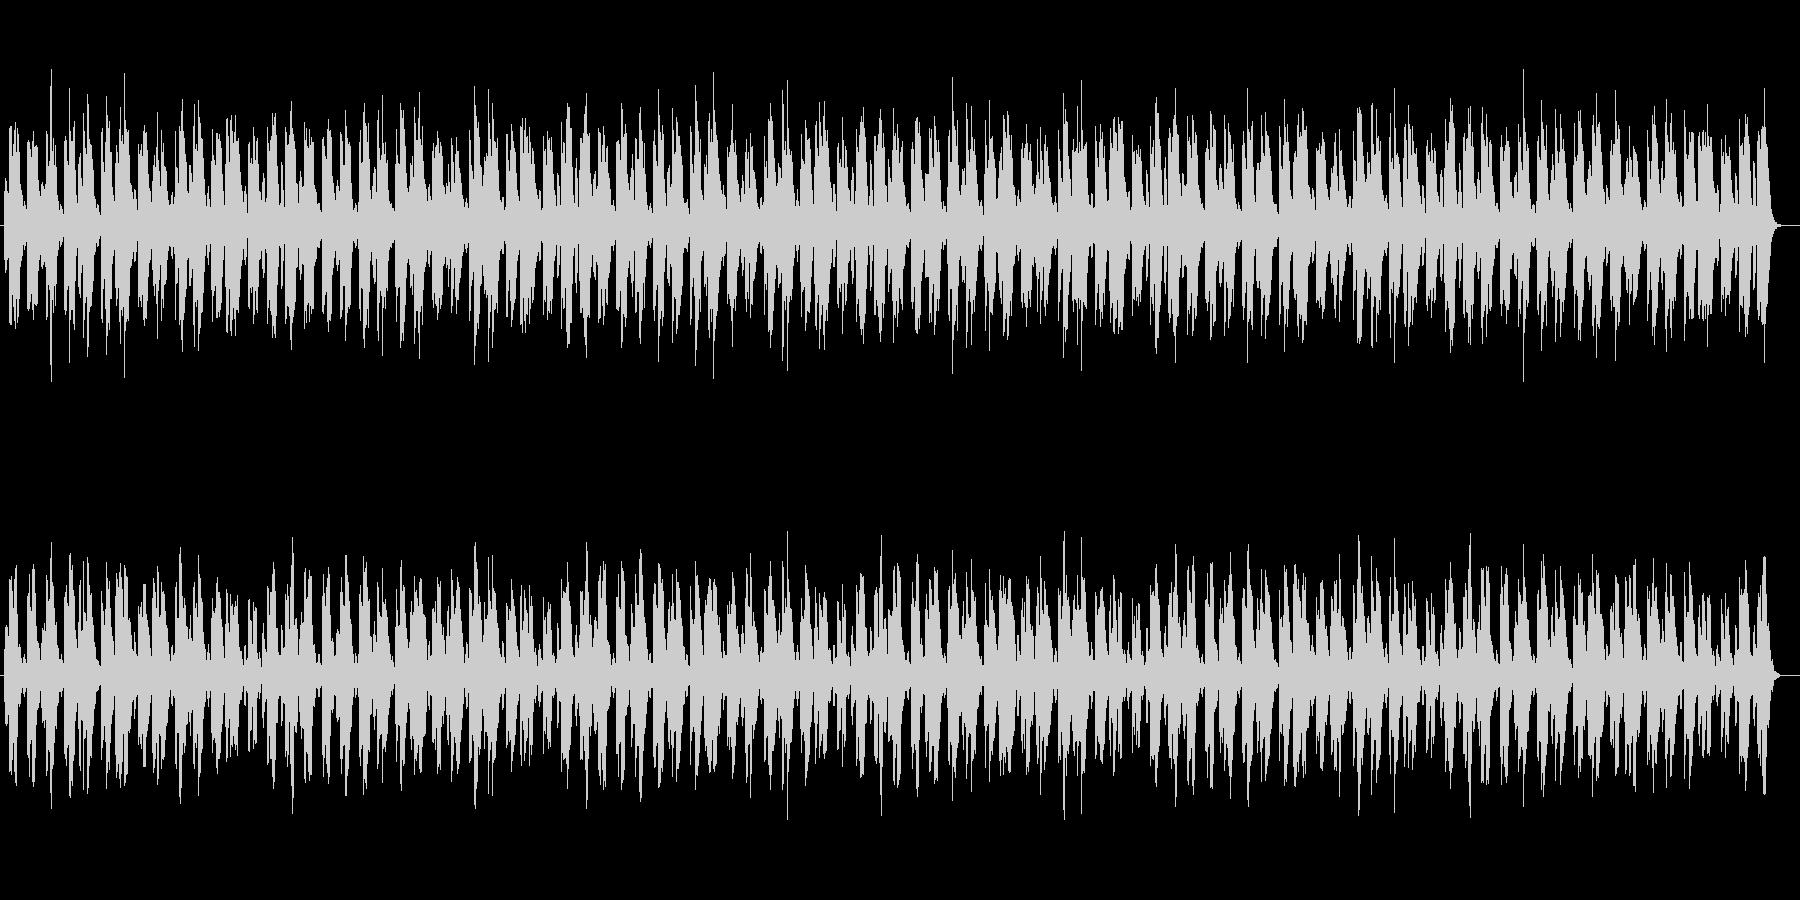 切なく美しいシンセサイザーサウンドの未再生の波形